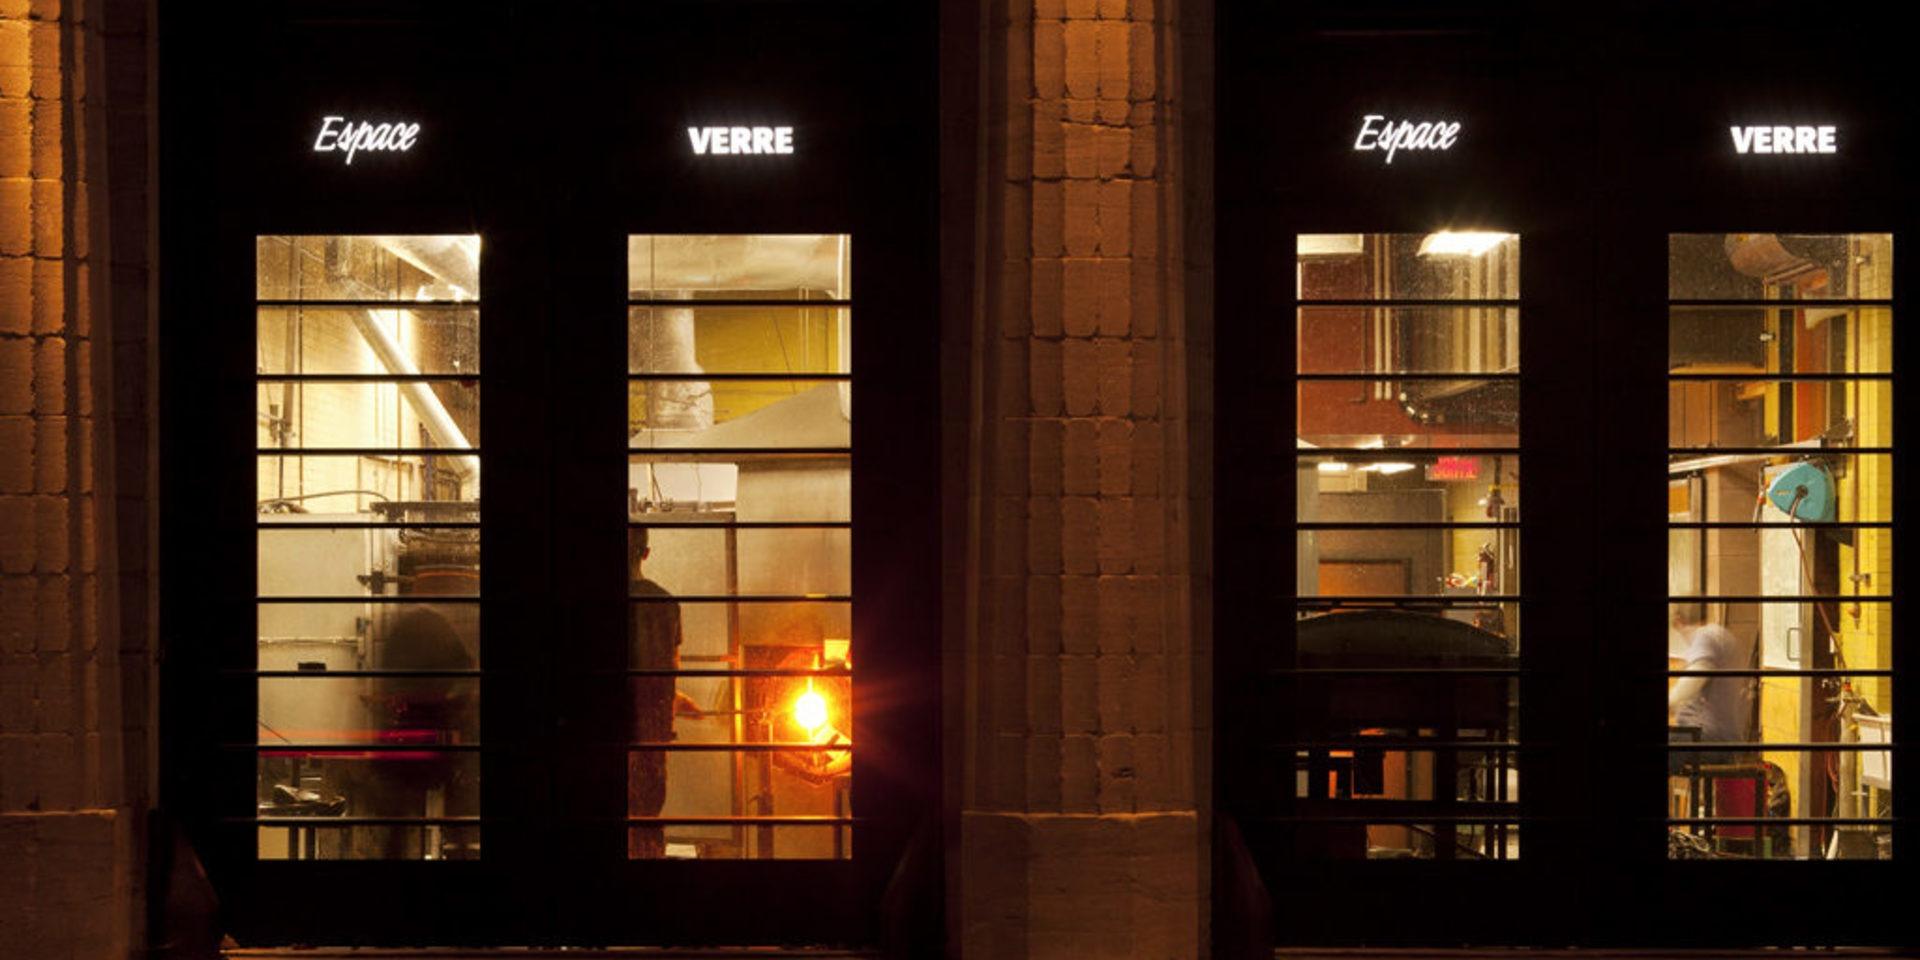 Espace verre tourisme montr al for Espace verre